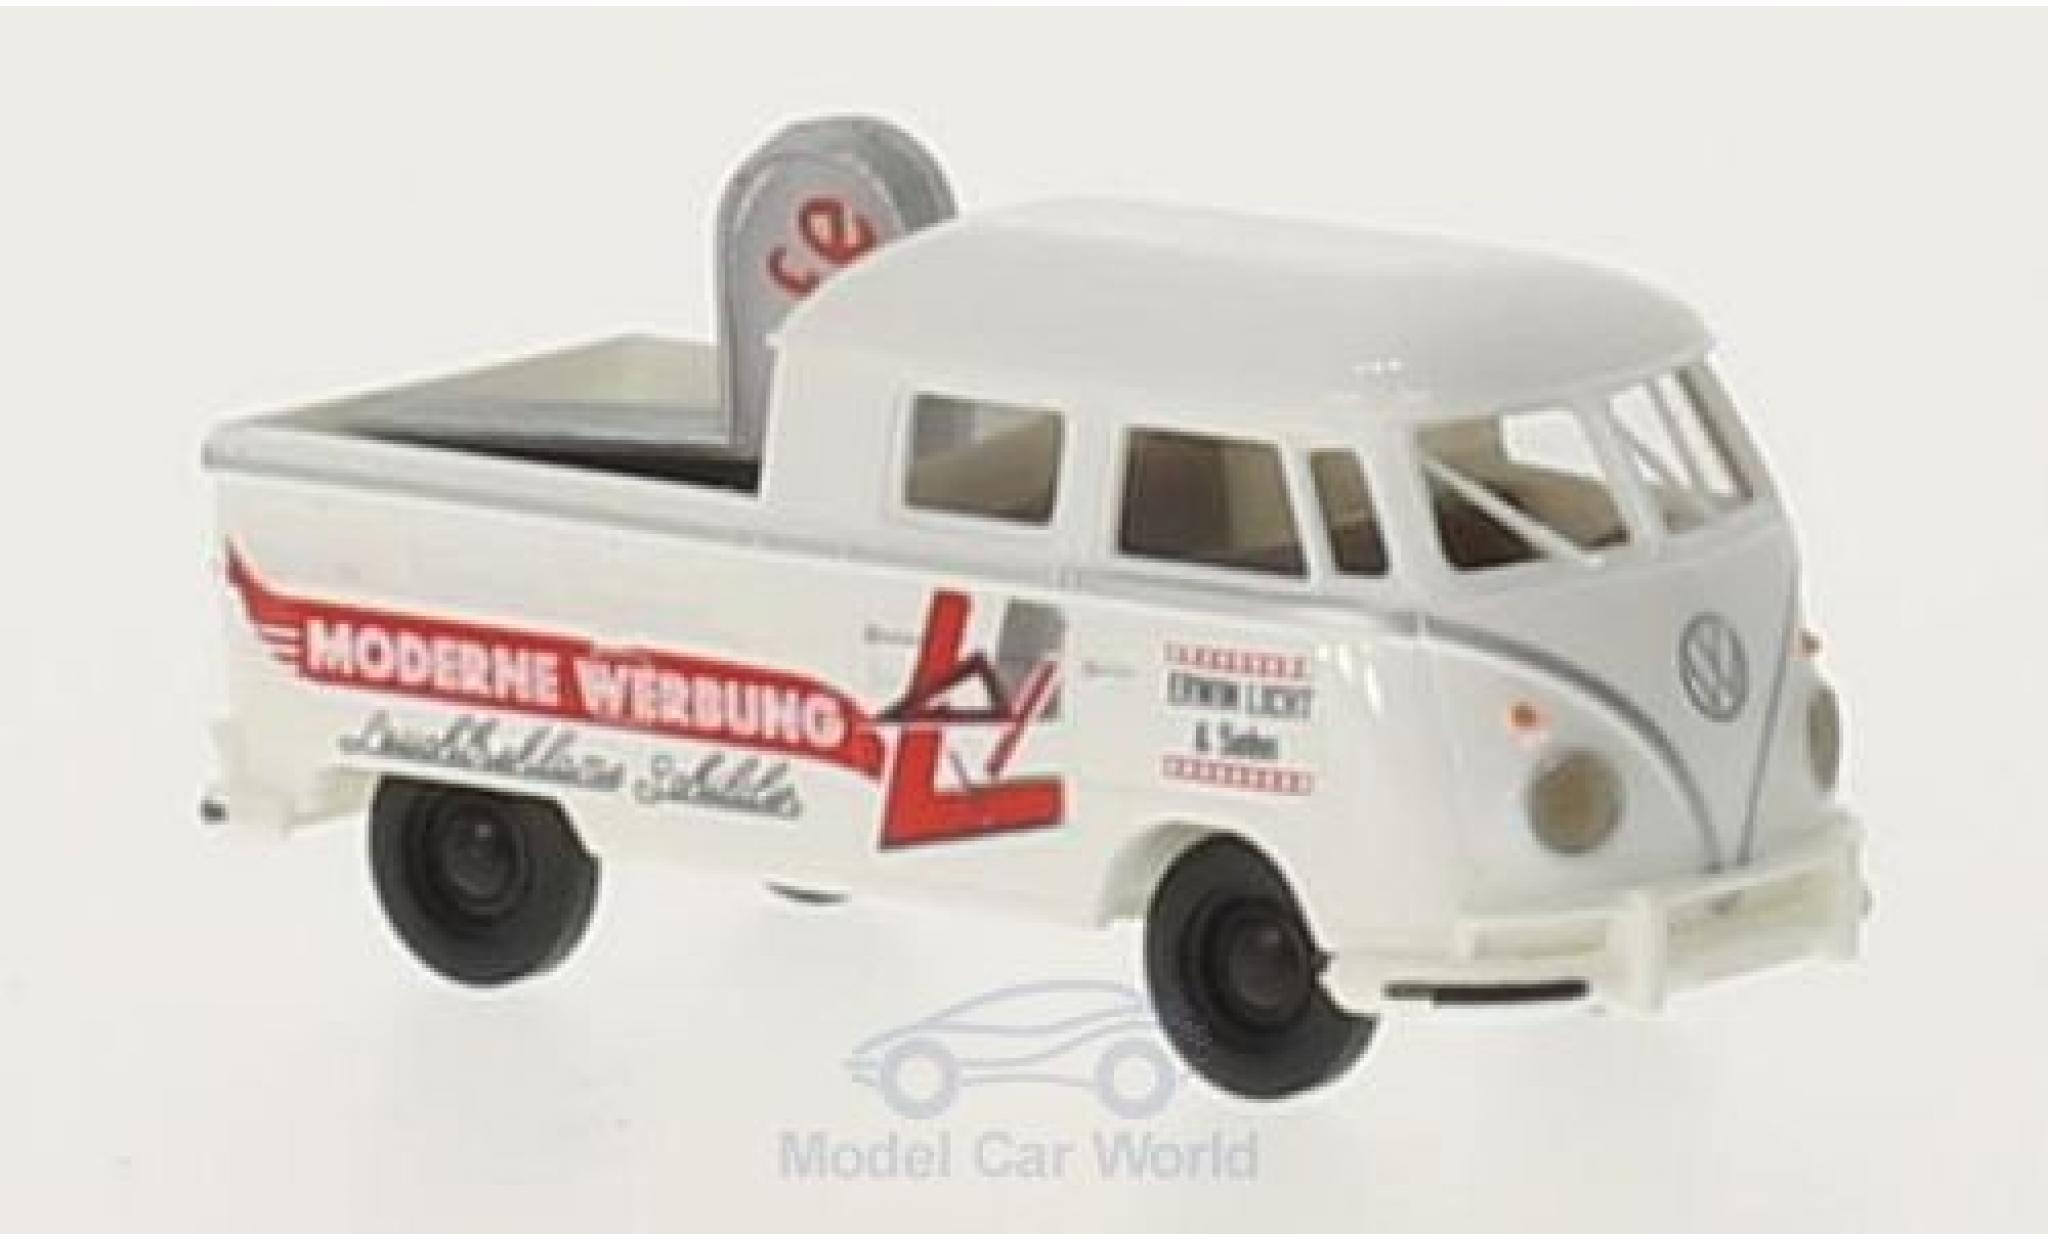 Volkswagen T1 B 1/87 Brekina b DoKa Moderne Werbung mit Ladegut